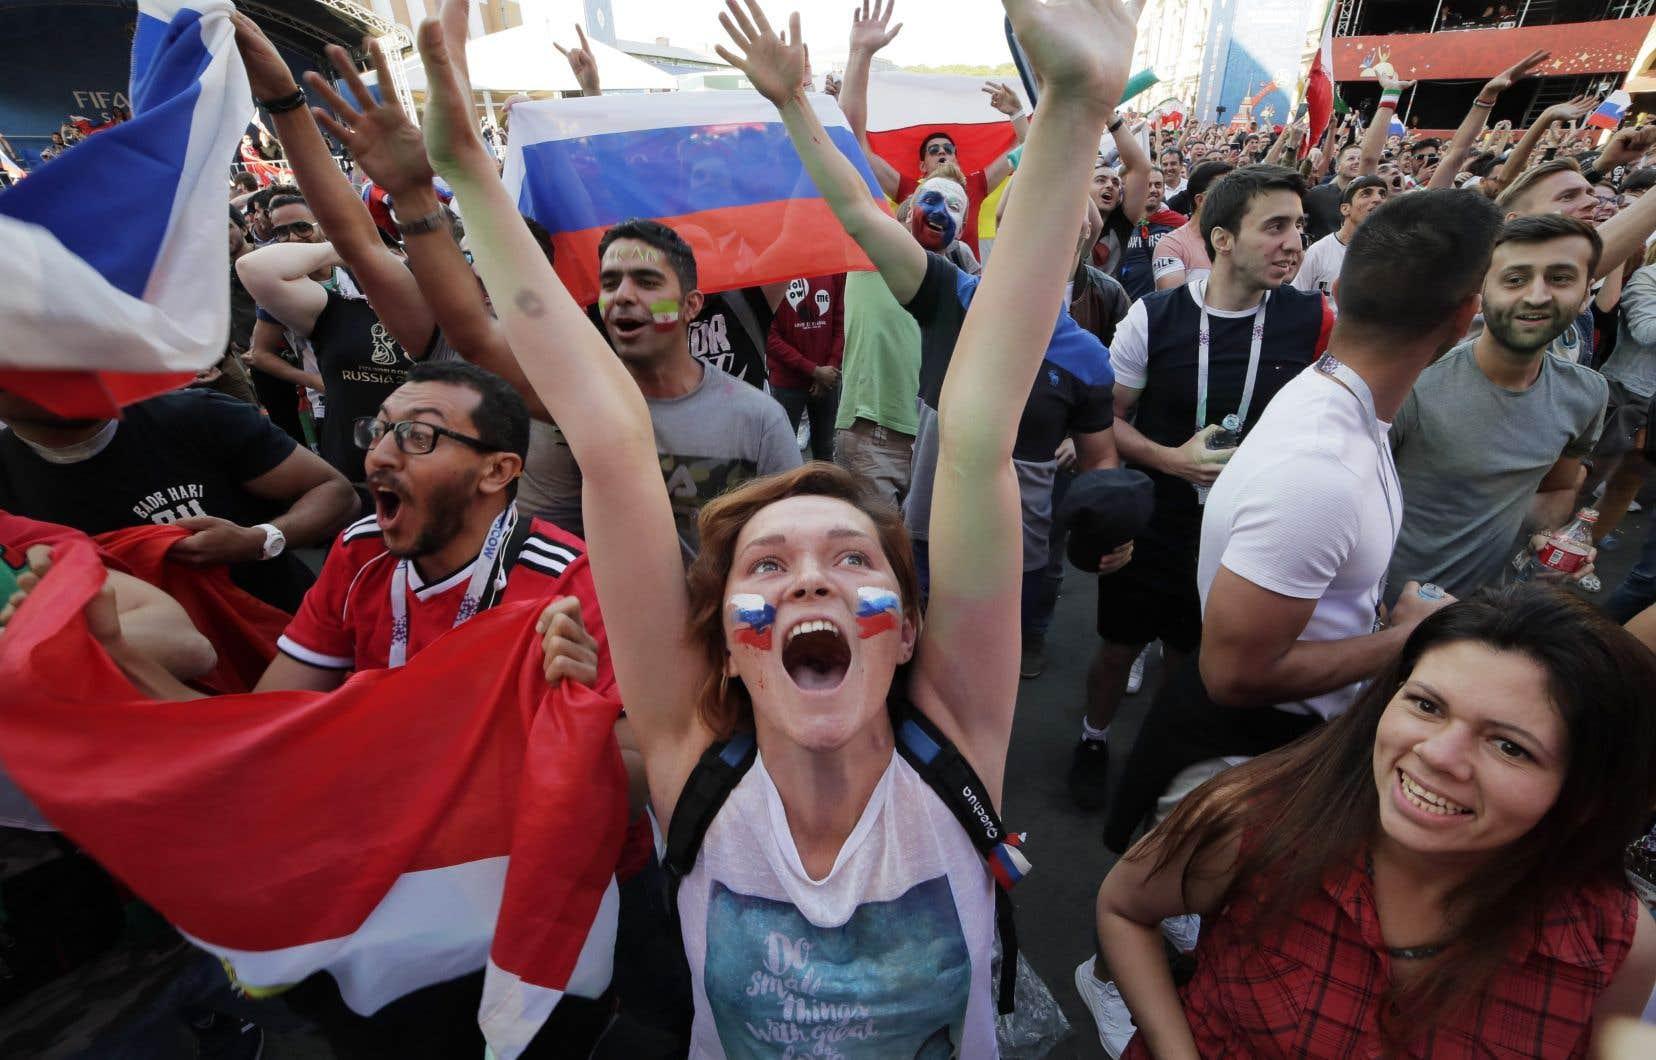 Il s'agit de la première victoire de la Russie à la Coupe du monde depuis 2002 après une séquence de sept matchs sans victoire.